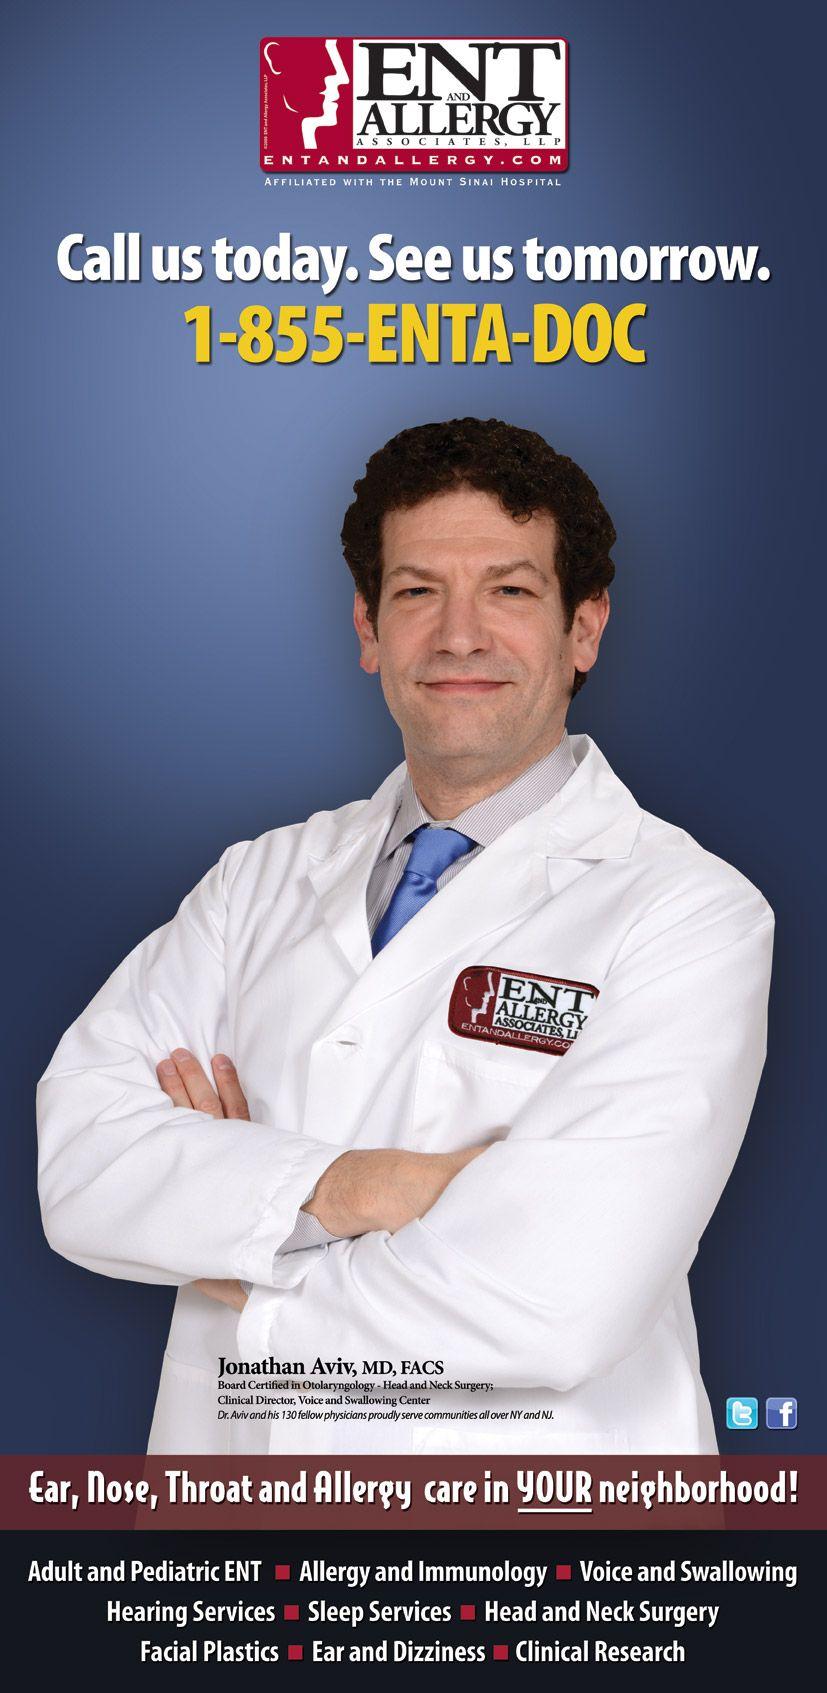 Dr. Jonathan Aviv (ENTA EAST SIDE OFFICE) #Voiceandswallowingdoctor #ENTNYC #ENTANDALLERGYASSOCIATES